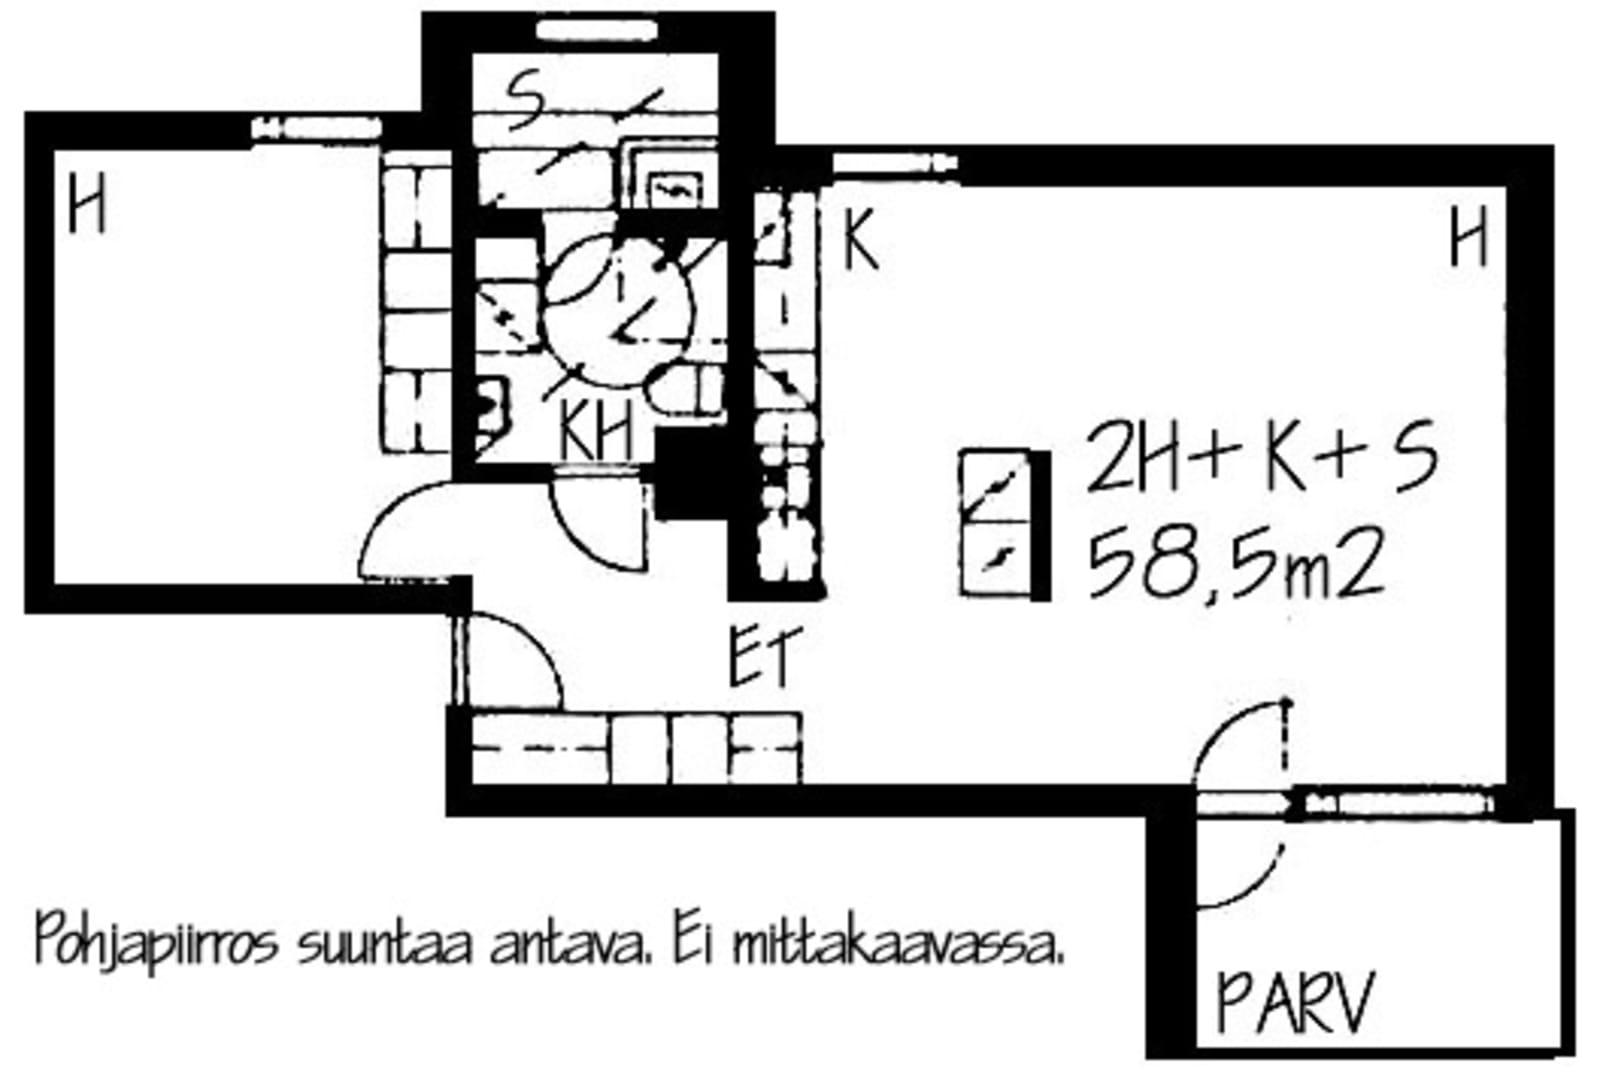 Helsinki, Herttoniemi, Laivalahdenkaari 8 B 036